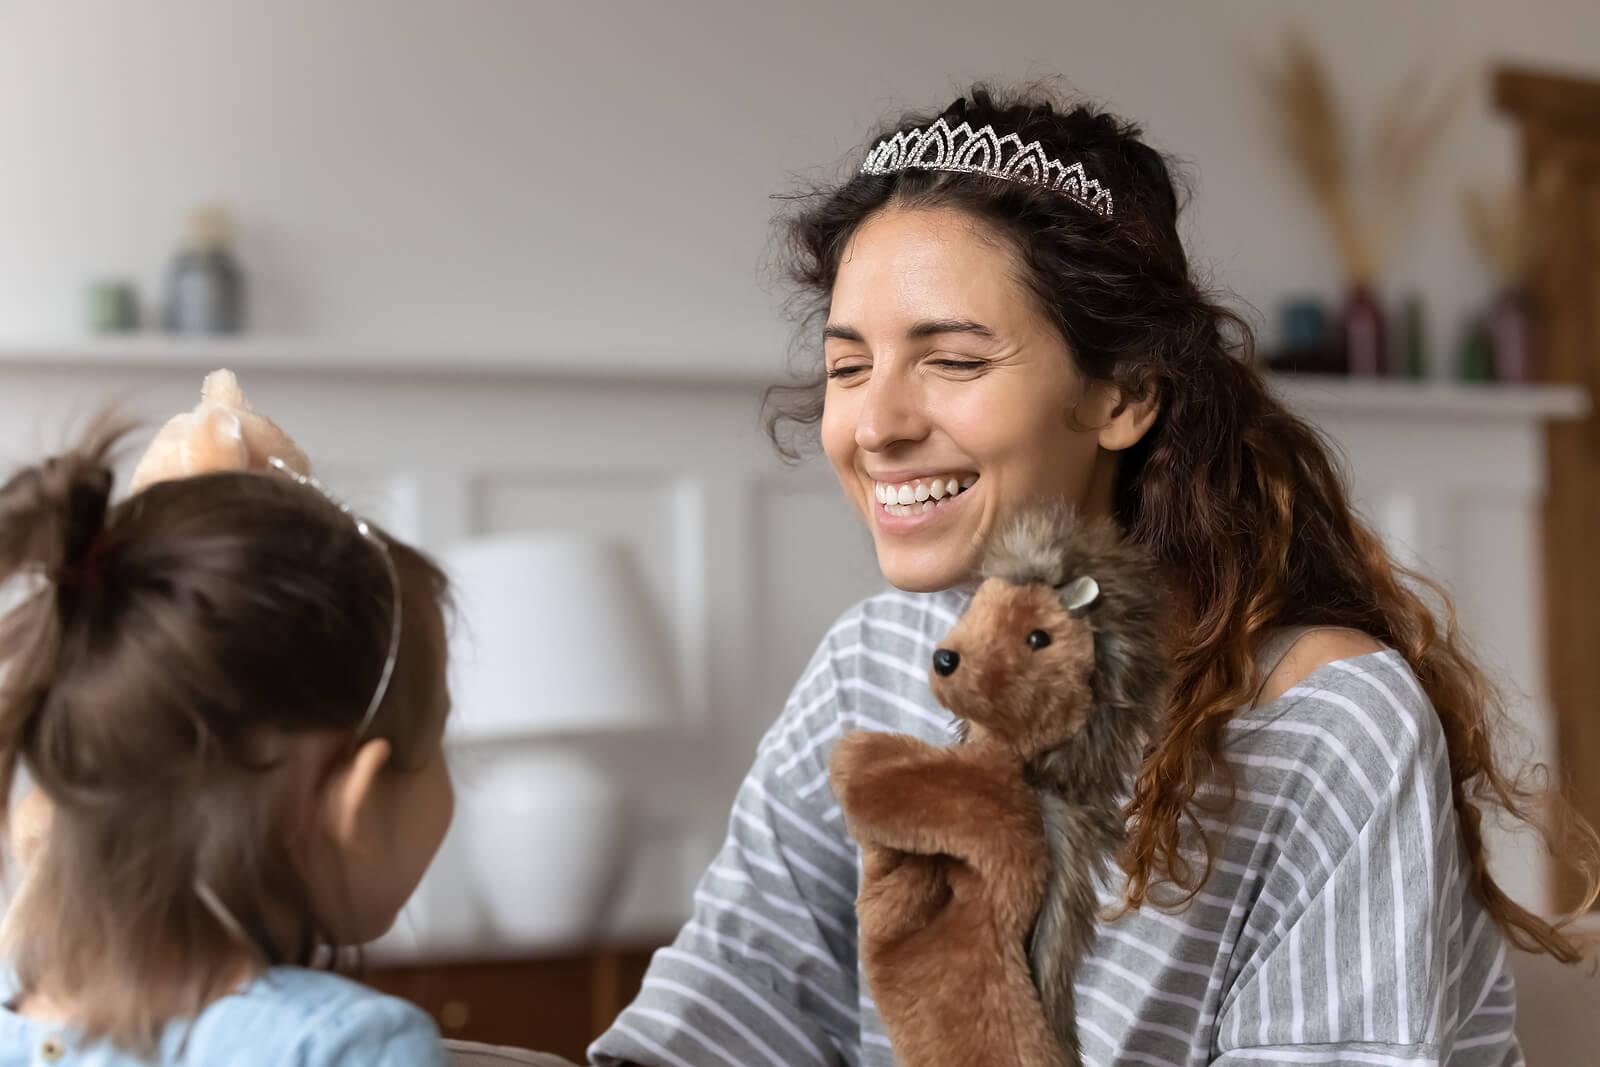 Madre e hija jugando con marionetas y disfrazadas de princesas.